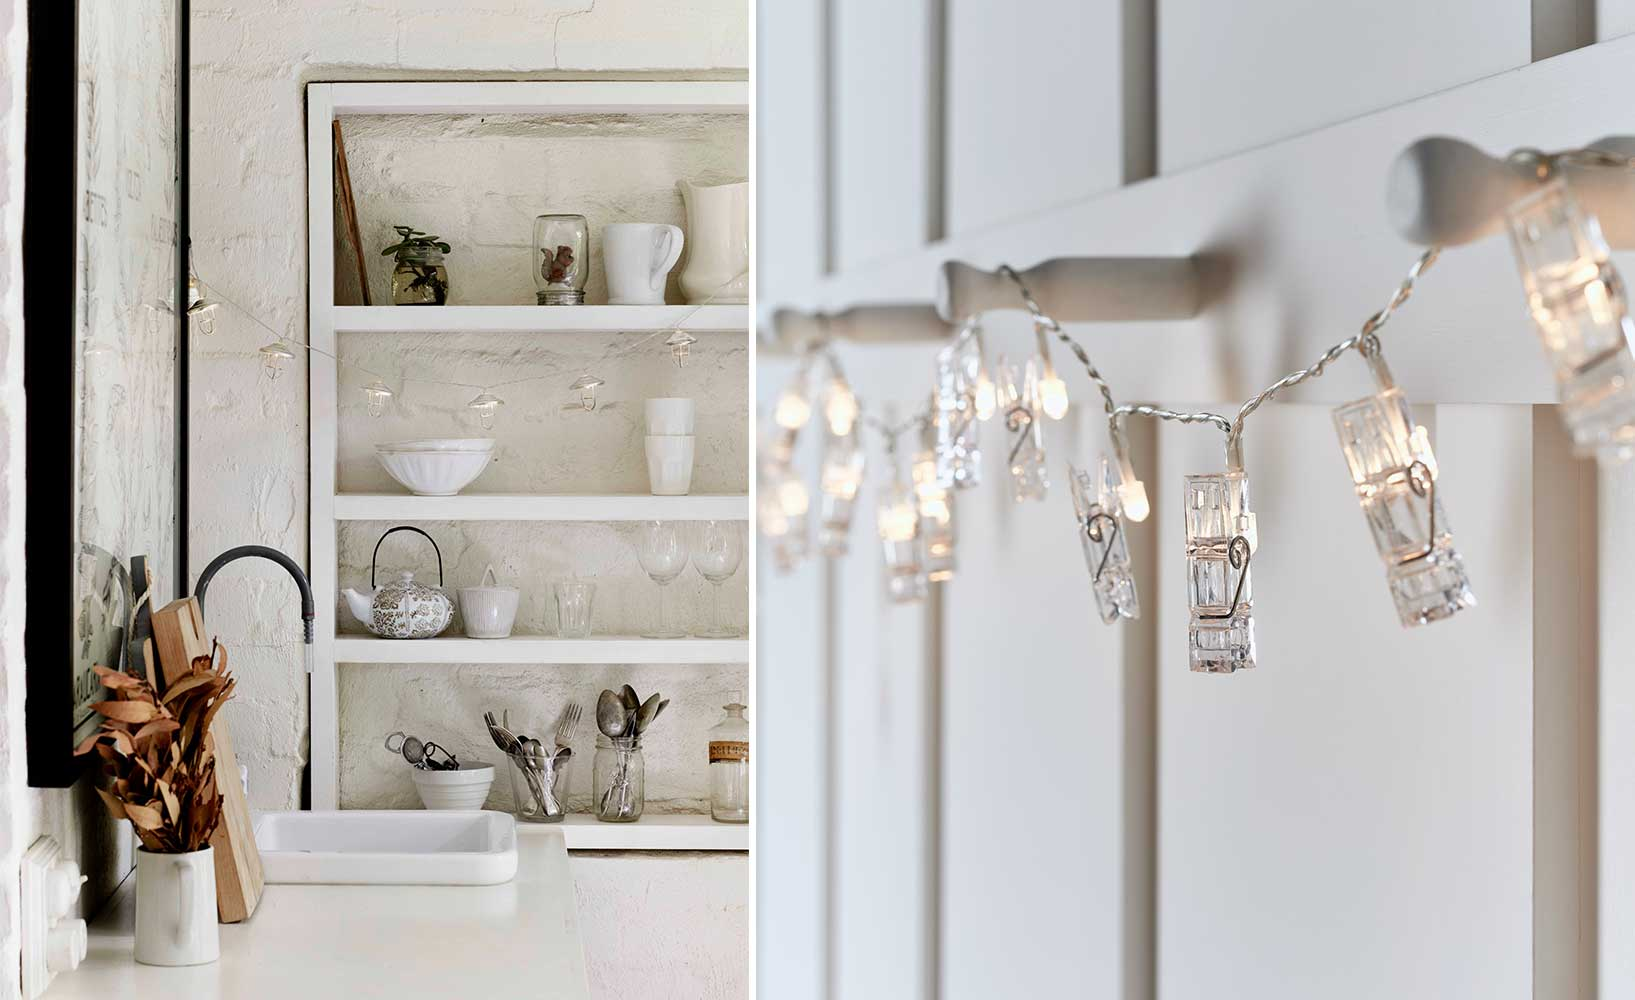 Superb Einfache Dekoration Und Mobel Raeume Mit Licht Gestalten Led Sei Dank #8: Wohnideen Lichtgestaltung Räume Mit Licht Gestalten Led Sei Dank